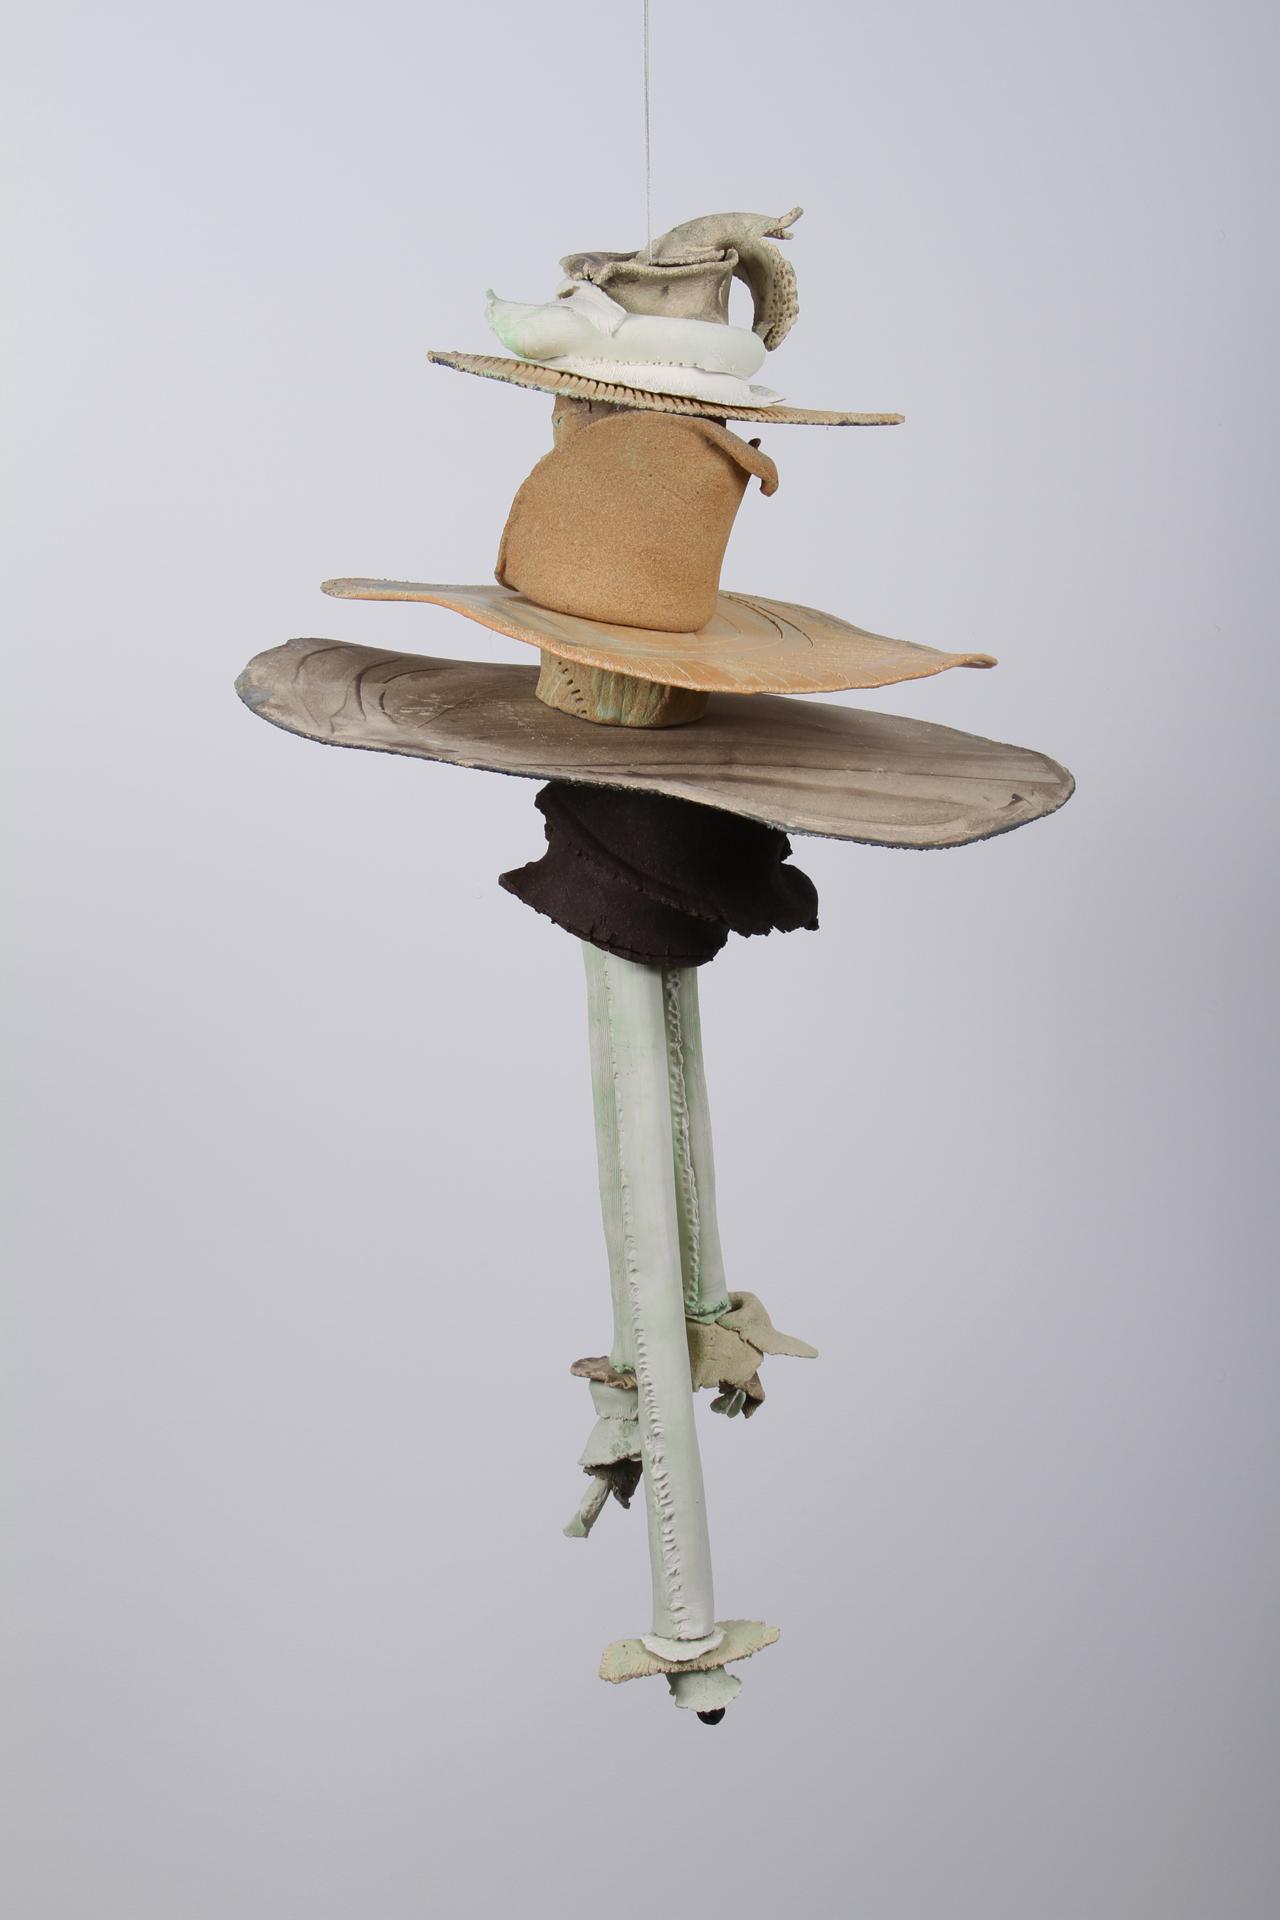 Transitions 2, Ceramic, Cone 10, Underglazes, 36 x 20 x 16 in., 2013